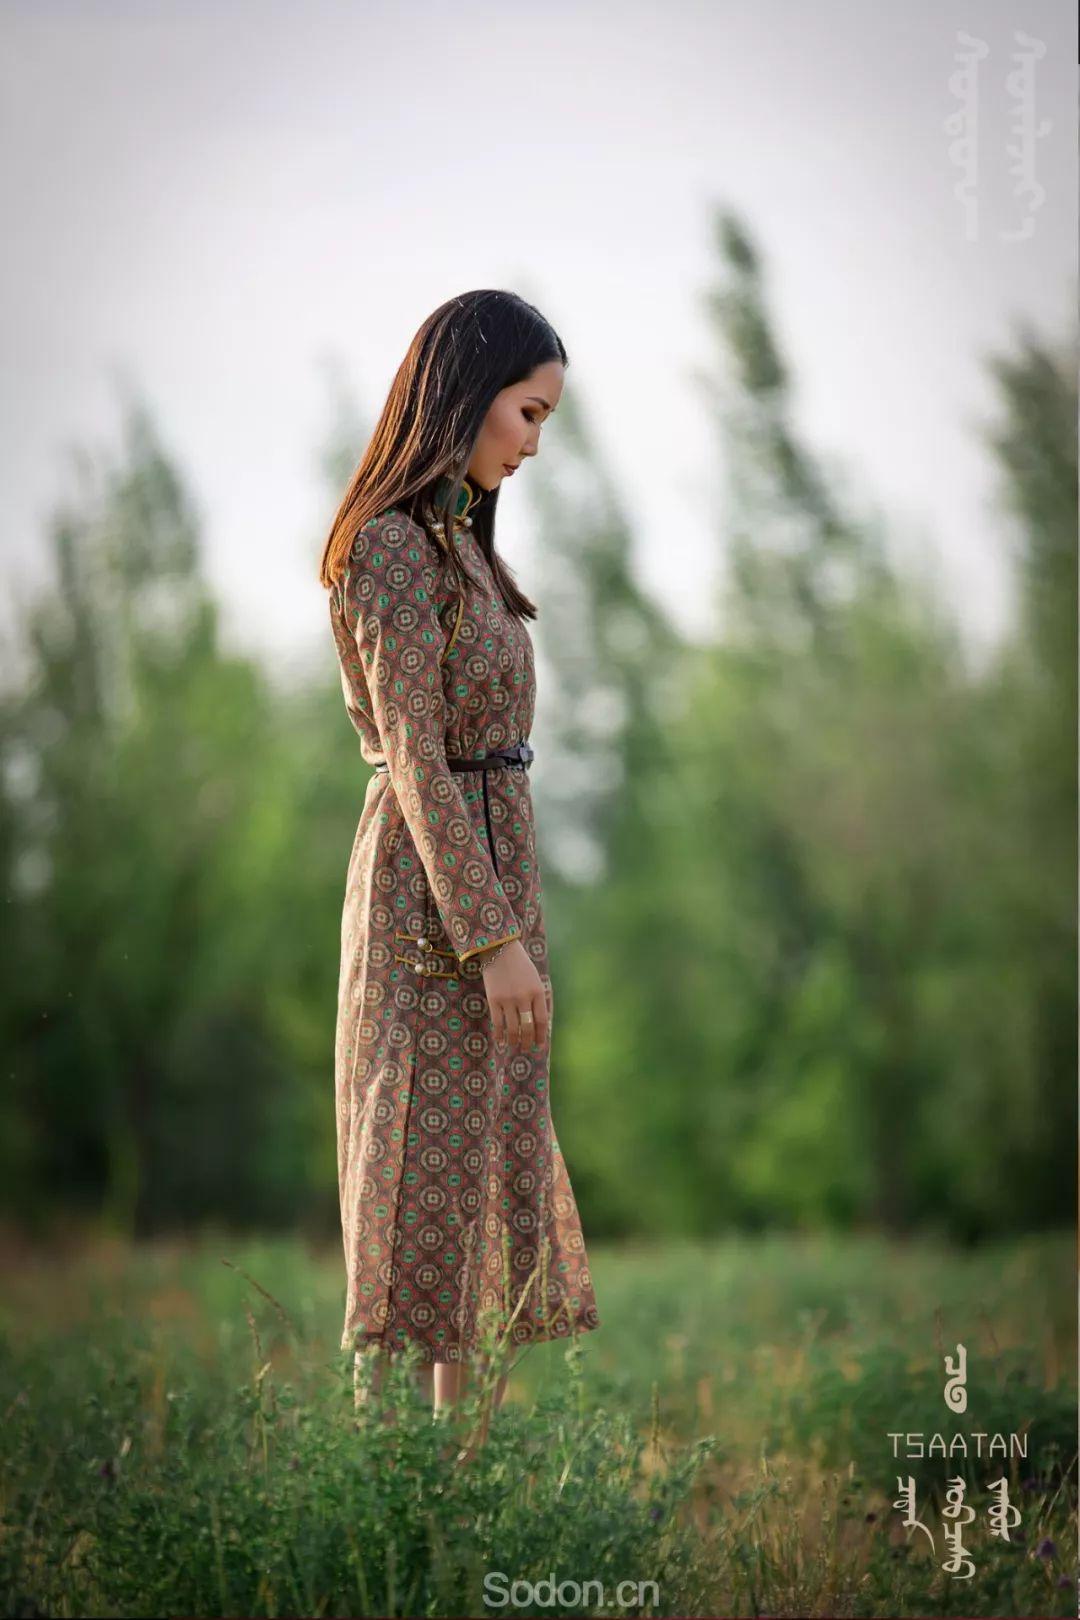 TSAATAN蒙古时装 2019新款,来自驯鹿人的独特魅力! 第25张